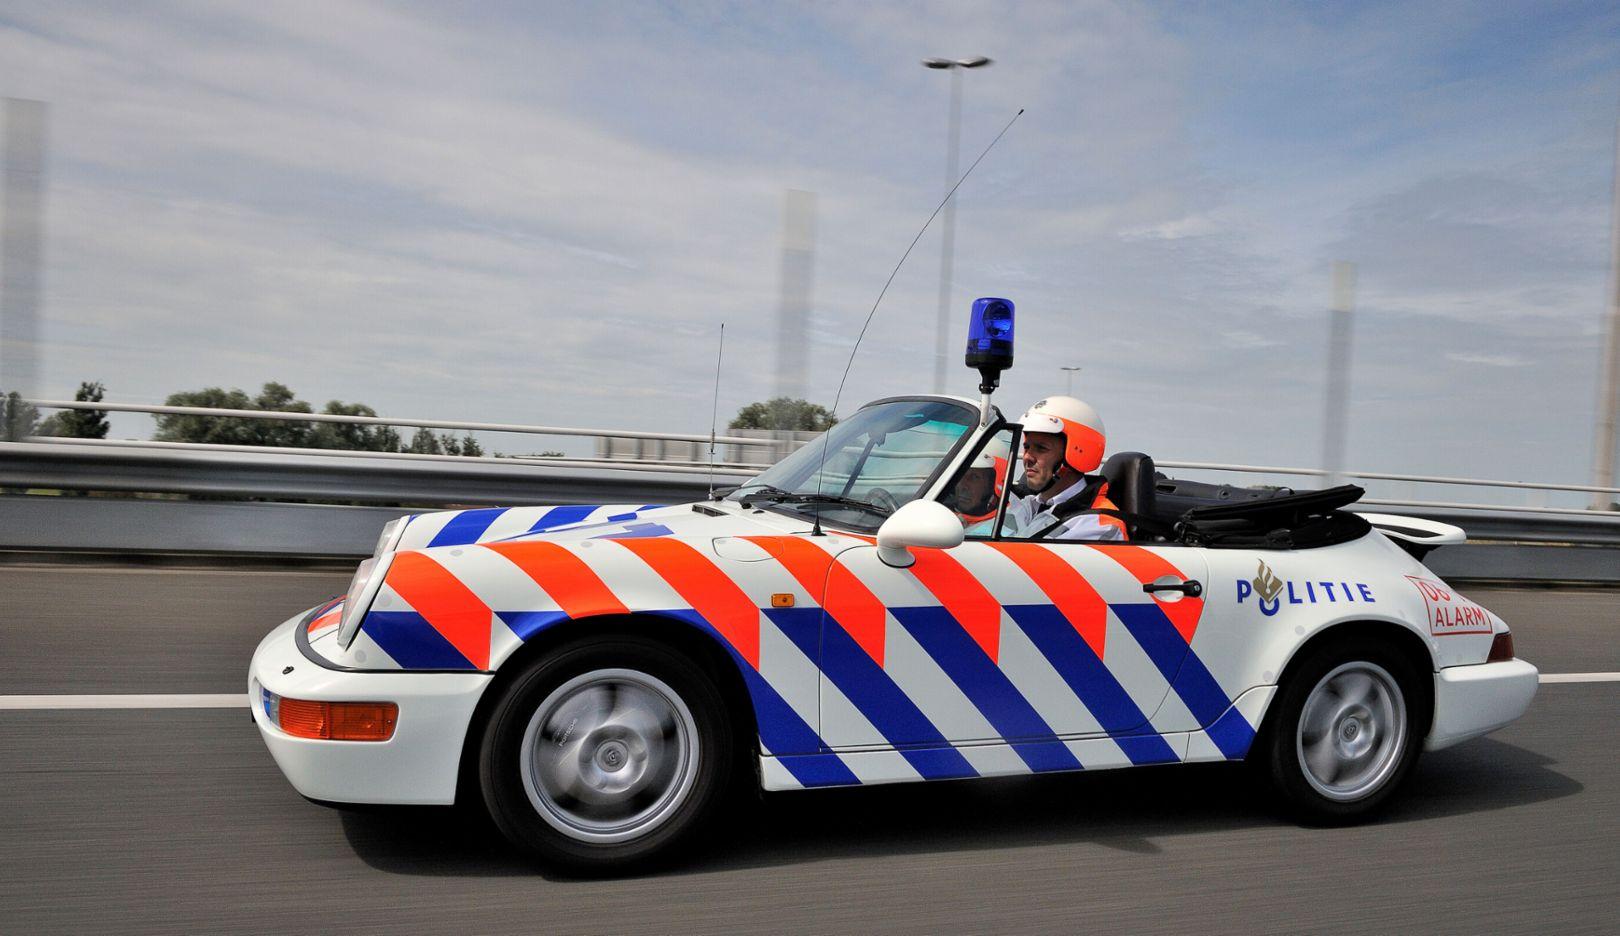 964 Cabriolet, Rijkspolitie, Polizei, Niederlande, 2012, Porsche AG